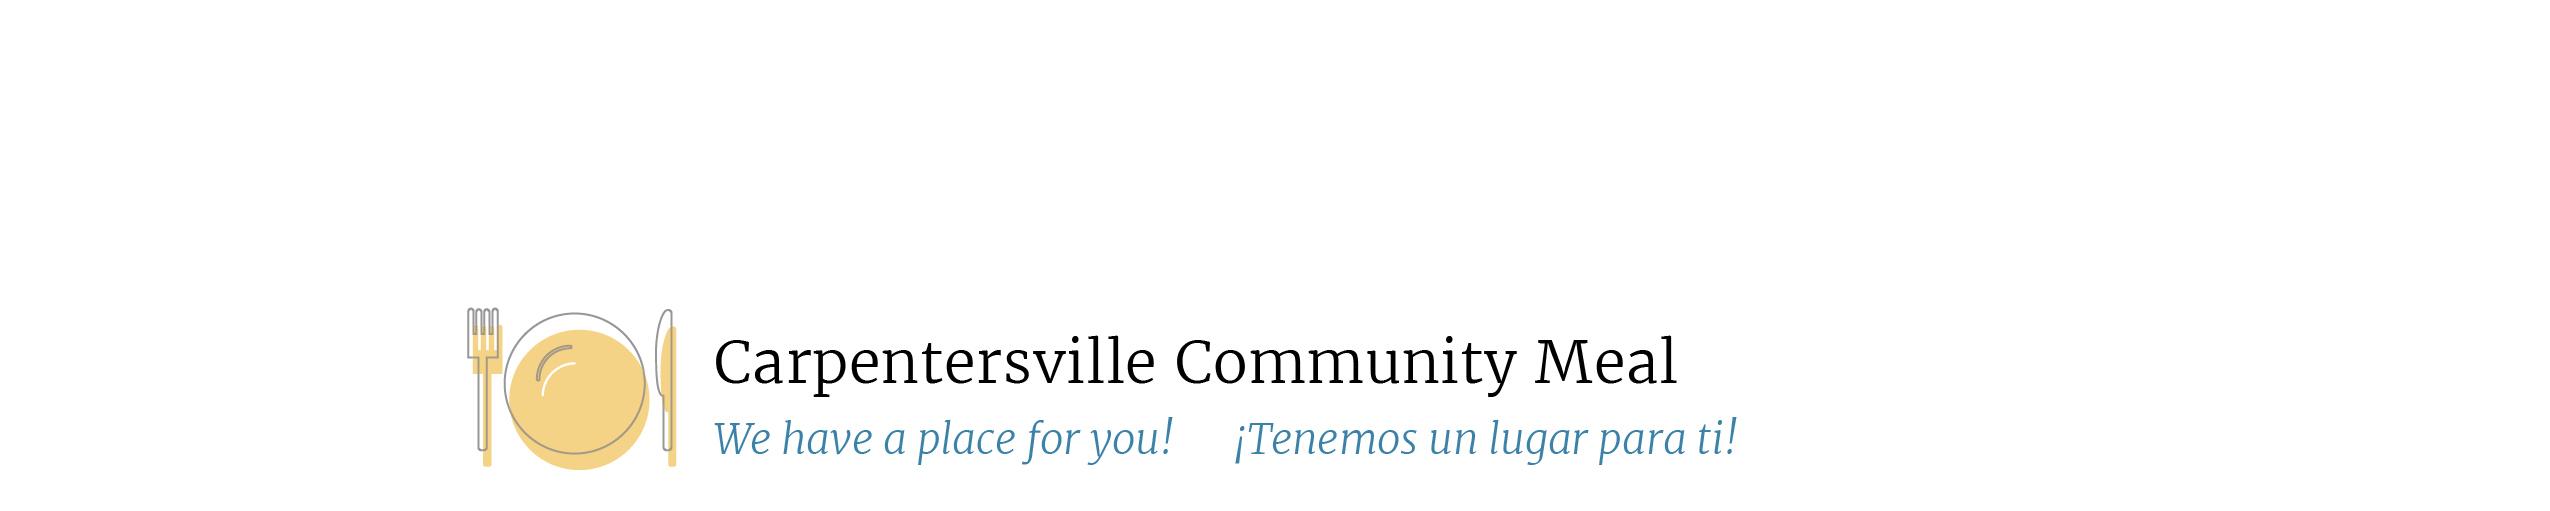 CarpentersvilleCommunityMeal_LetterheadHeader_FINAL